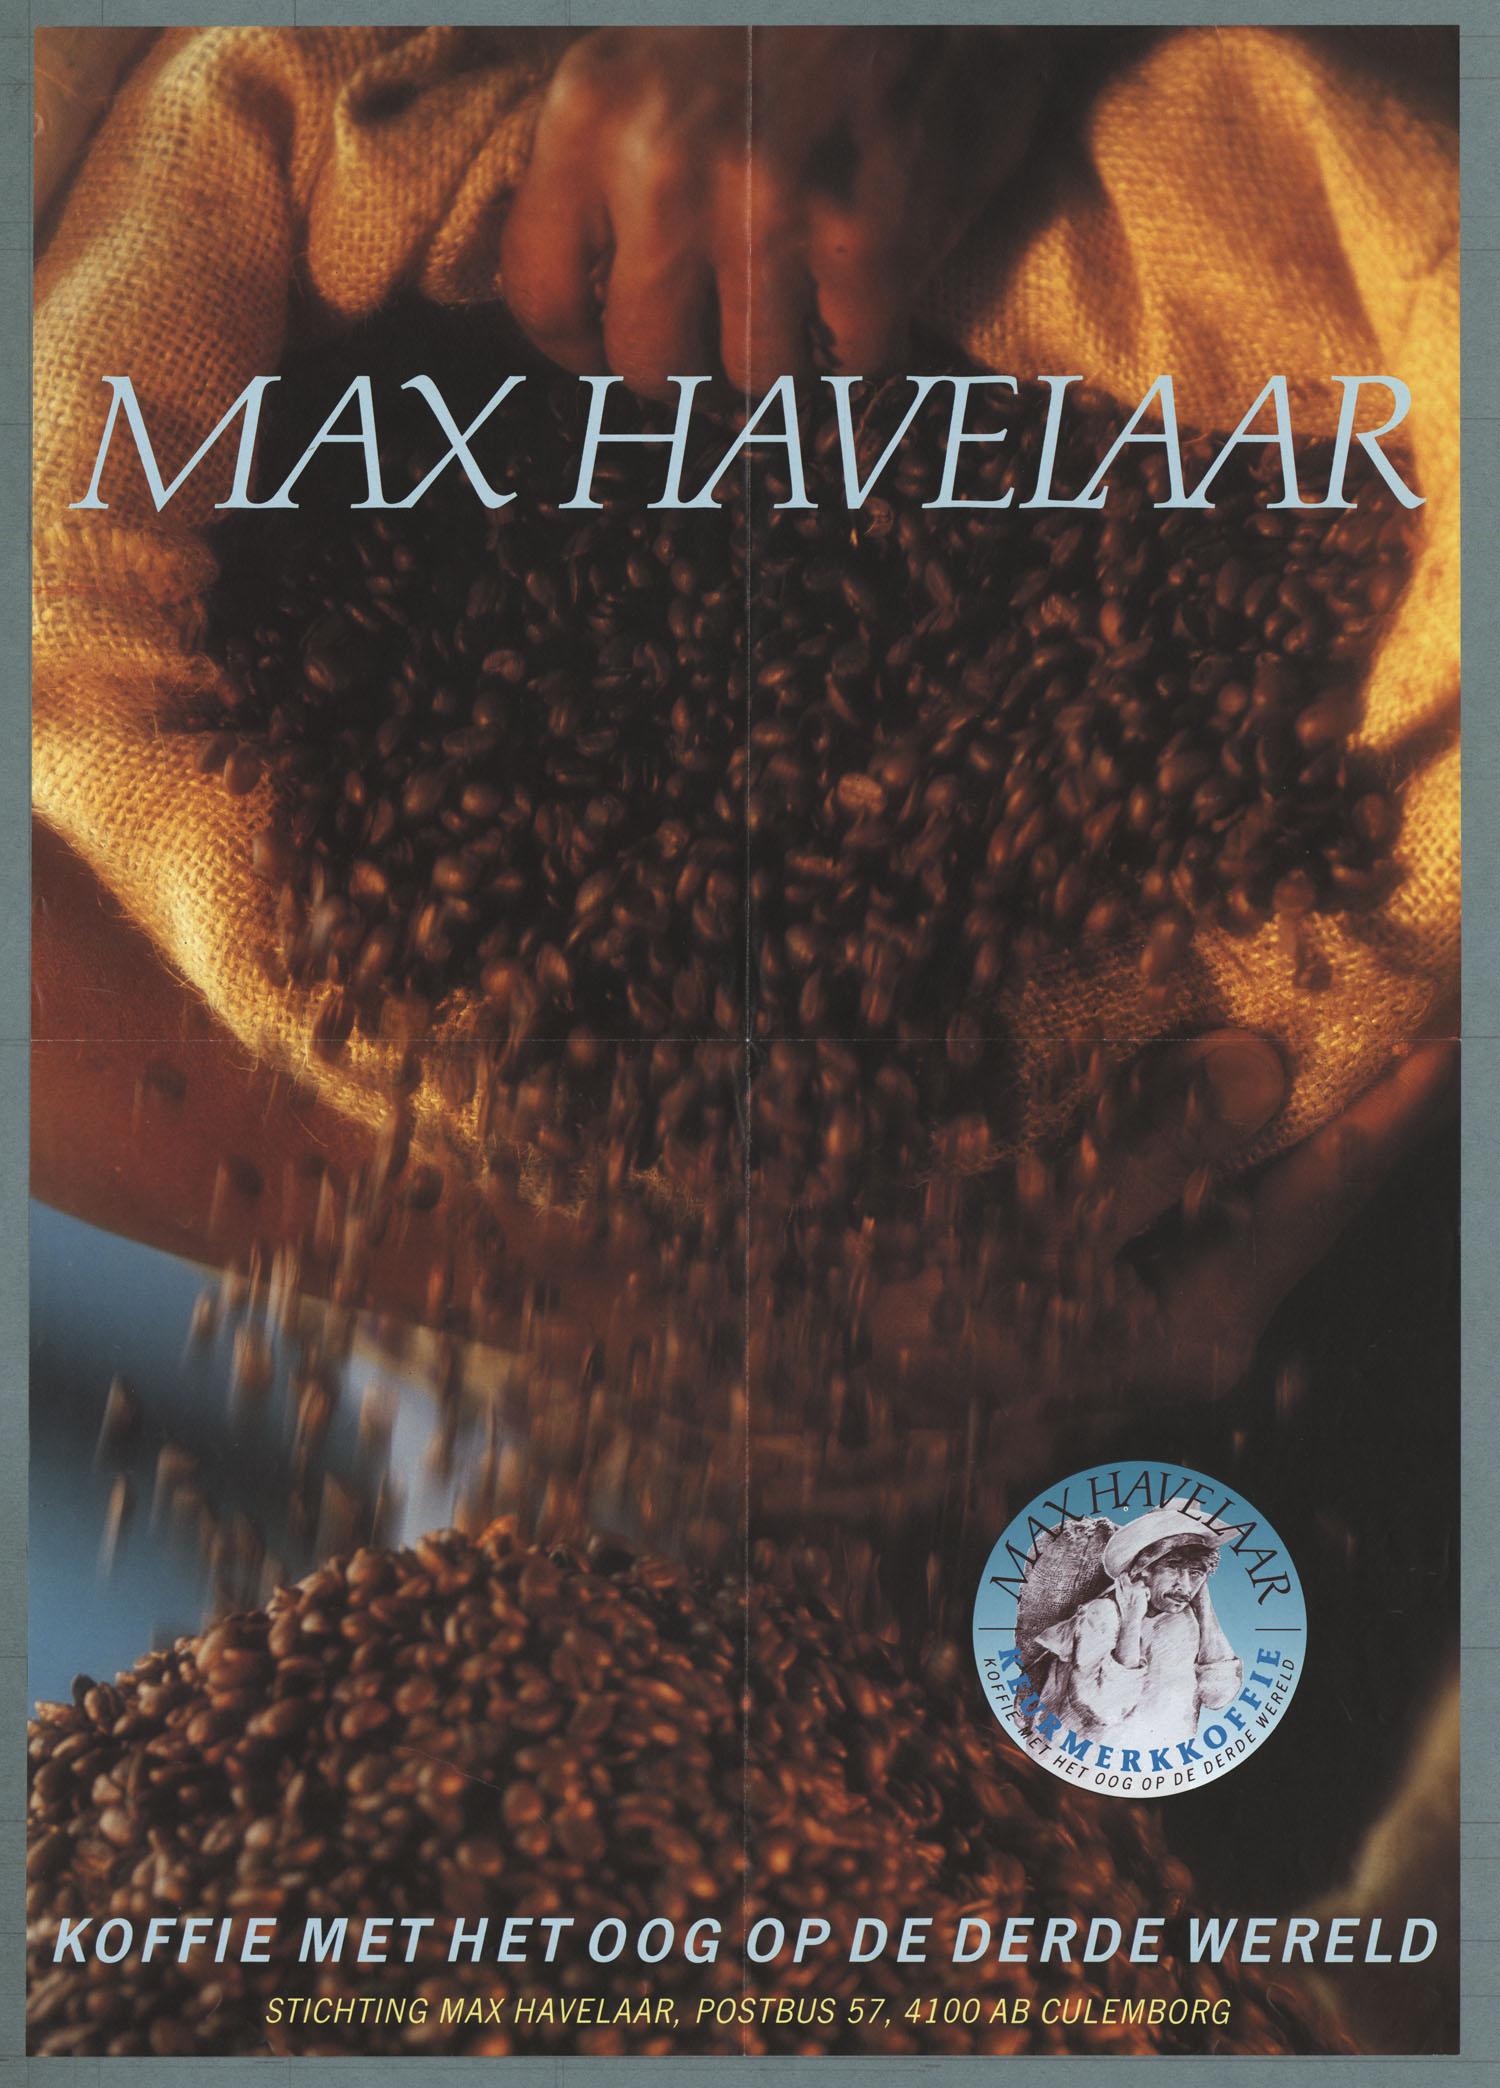 Citaten Uit Max Havelaar : Max havelaar koffie met het oog op de derde wereld